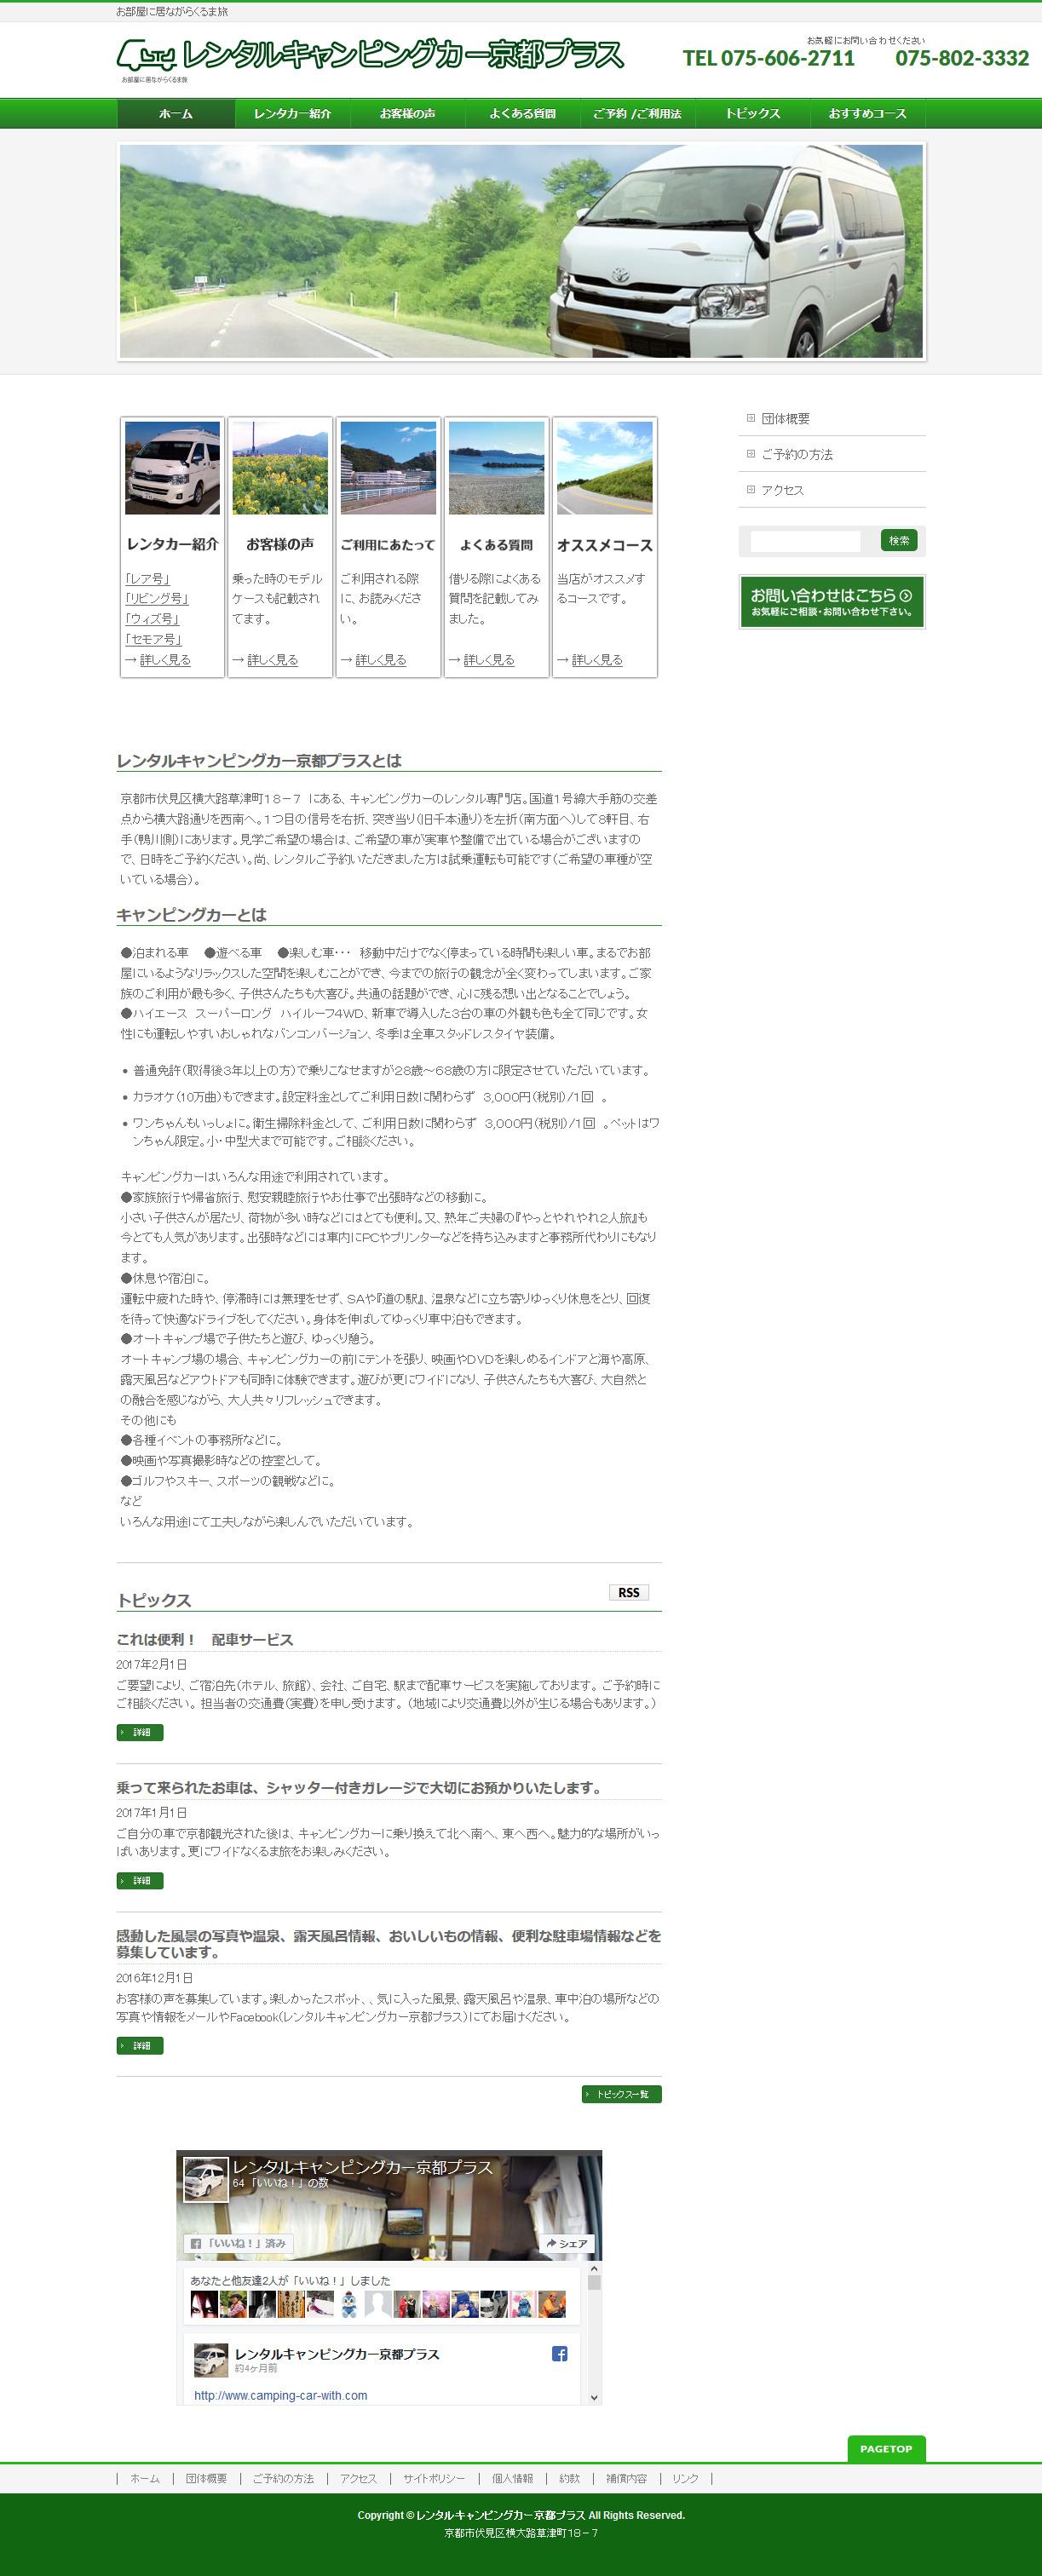 レンタルキャンピングカー京都プラス